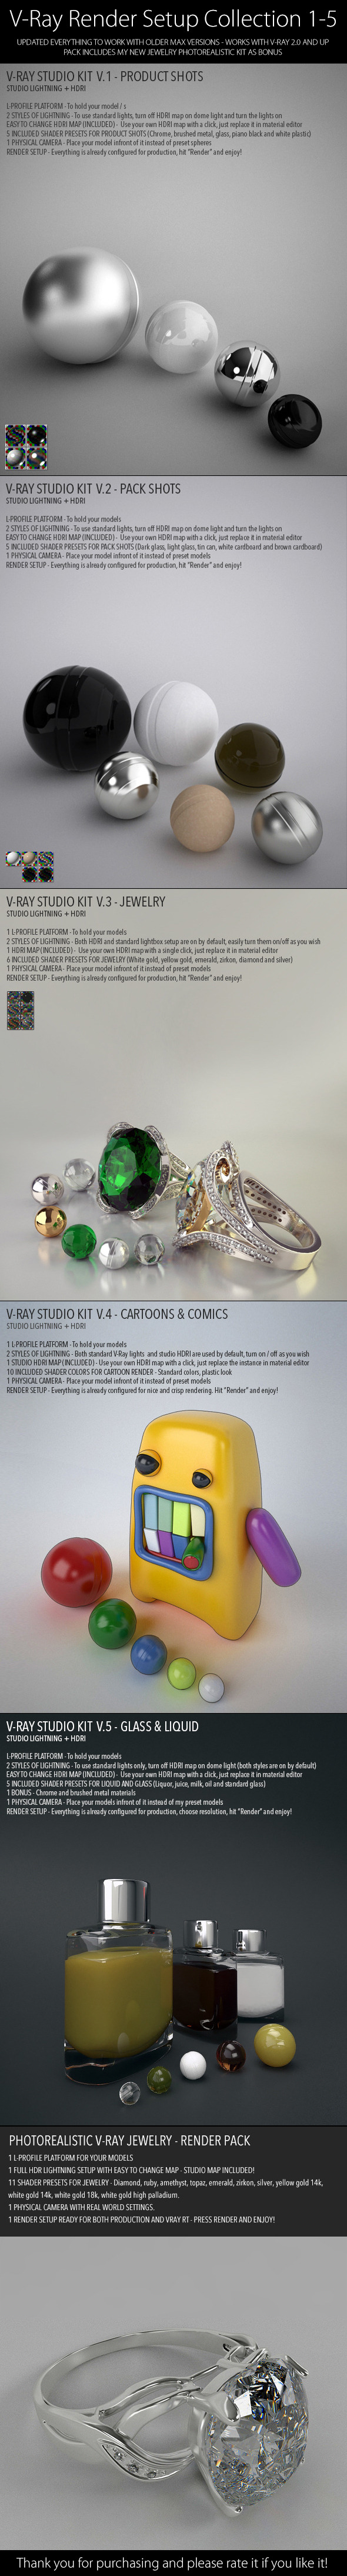 V-Ray Render Setup Collection 1-5 - 3DOcean Item for Sale